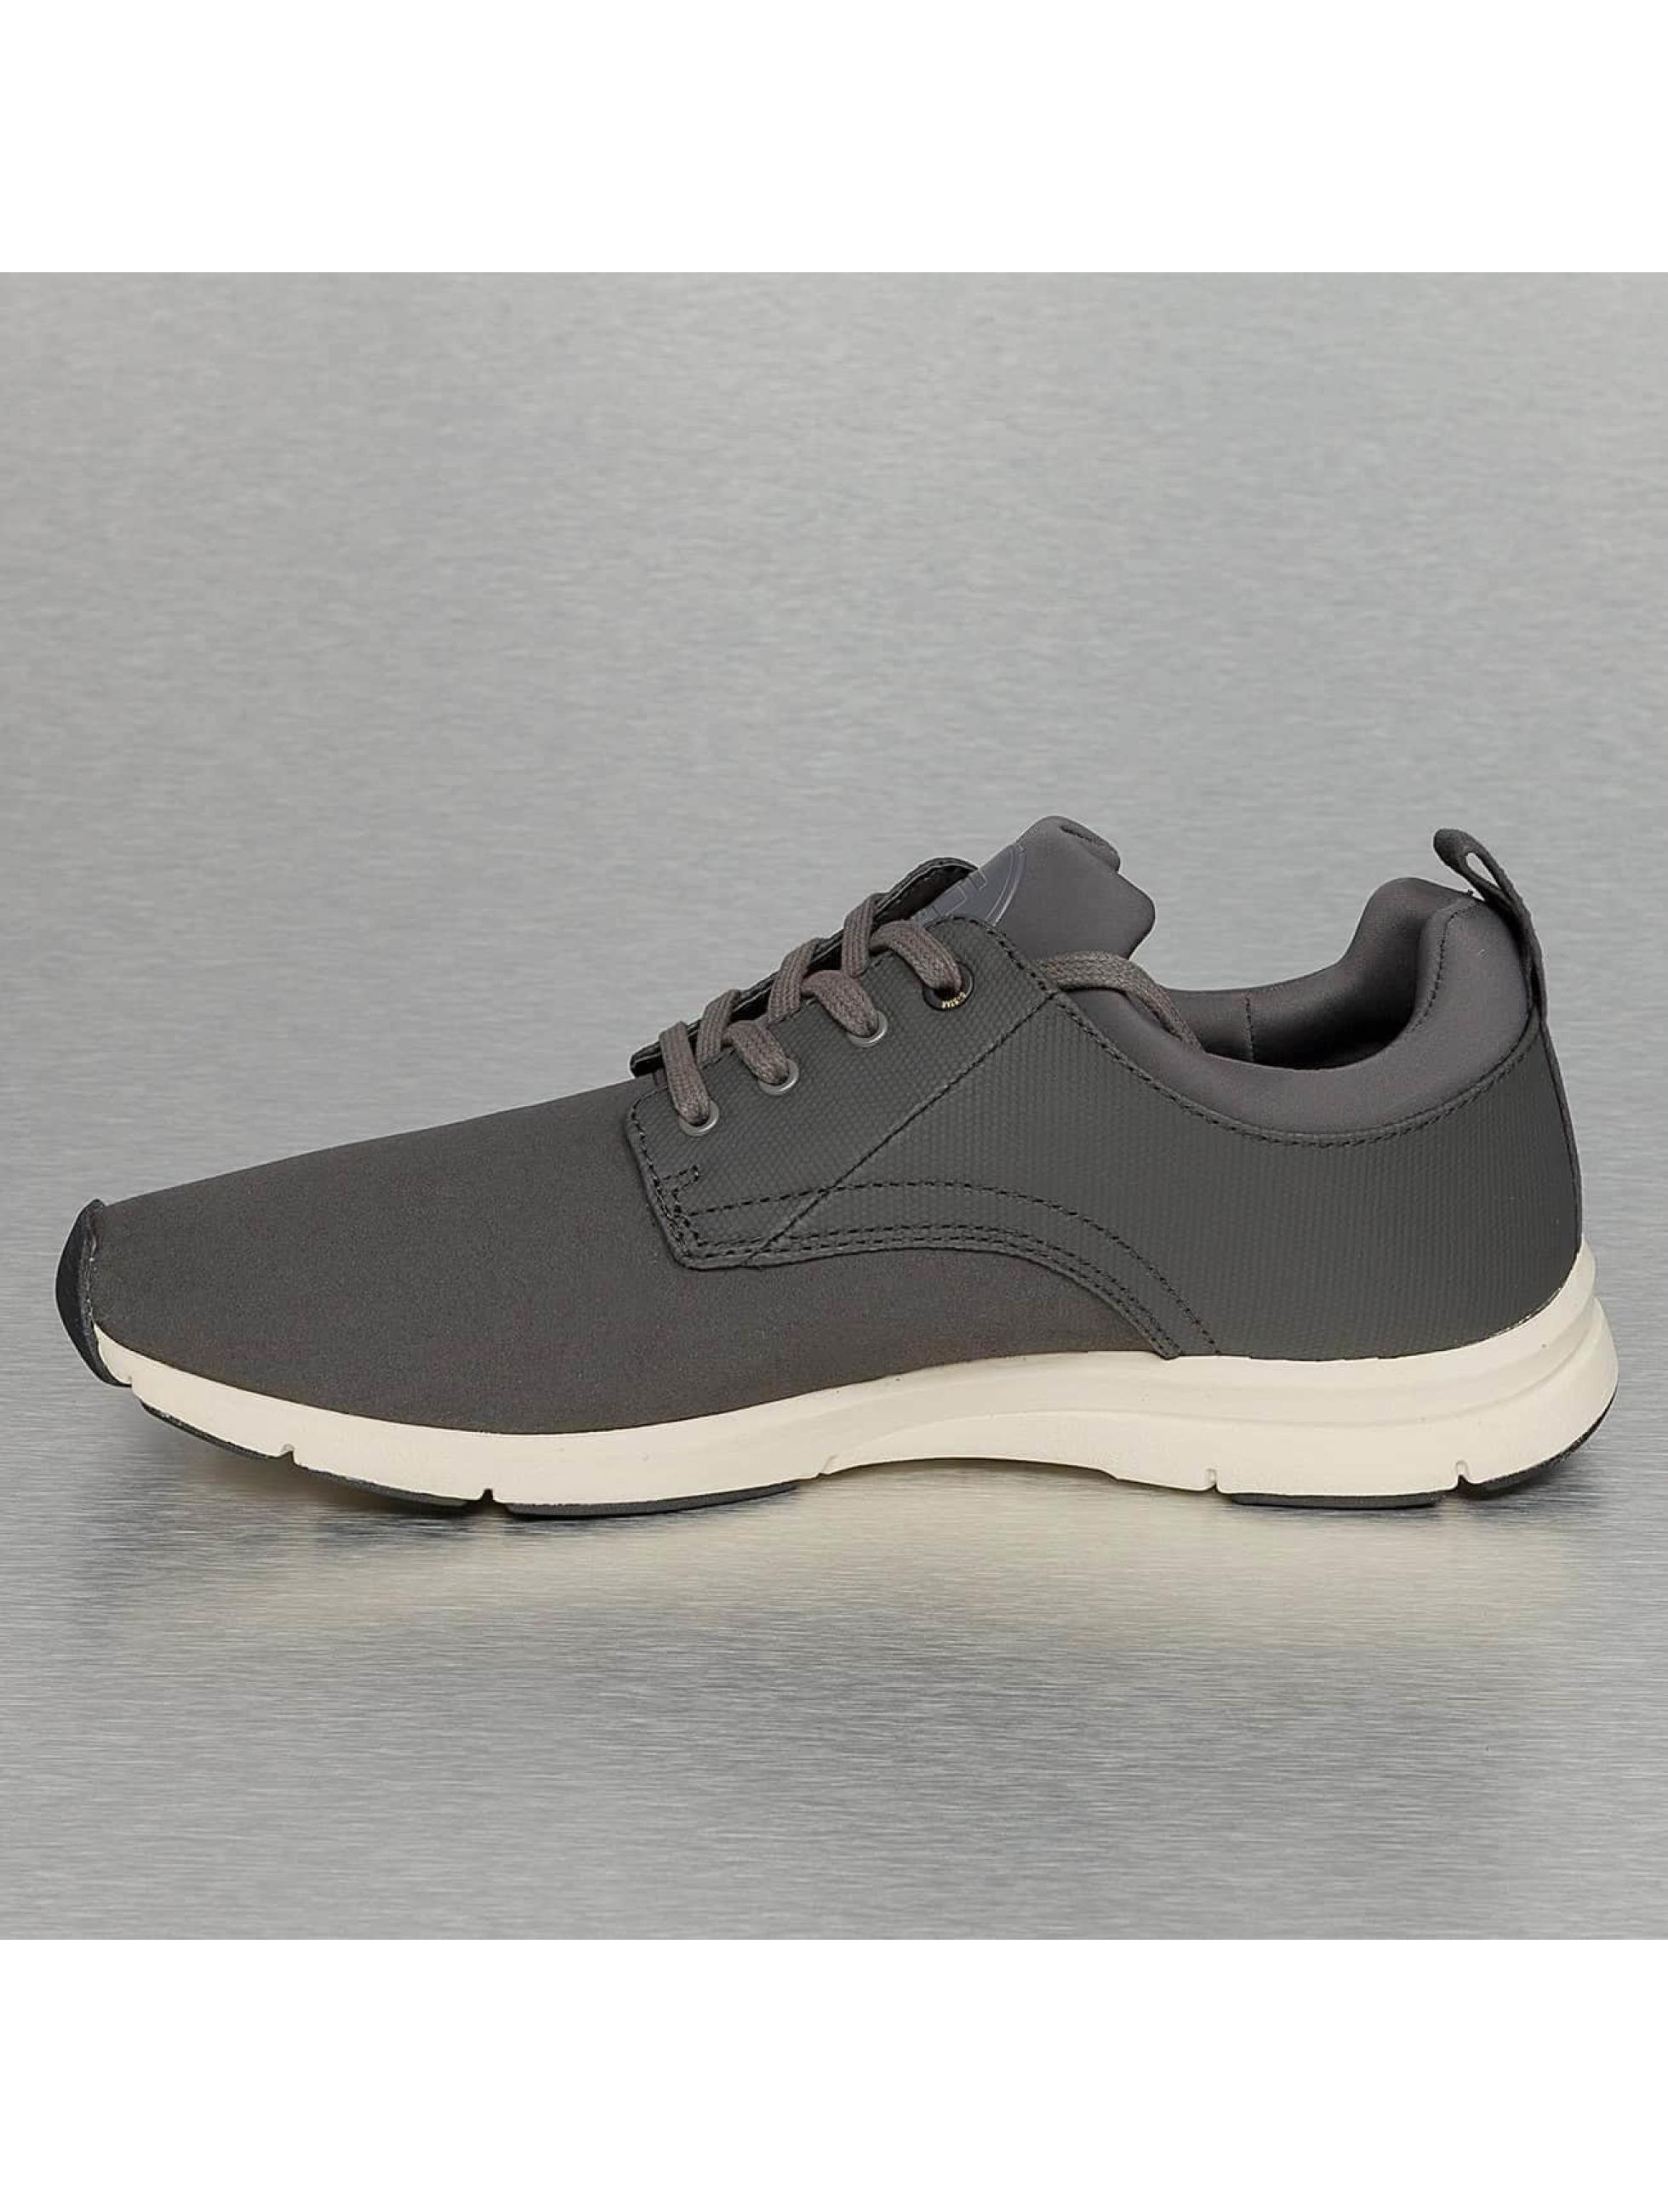 G-Star Footwear sneaker Aver grijs